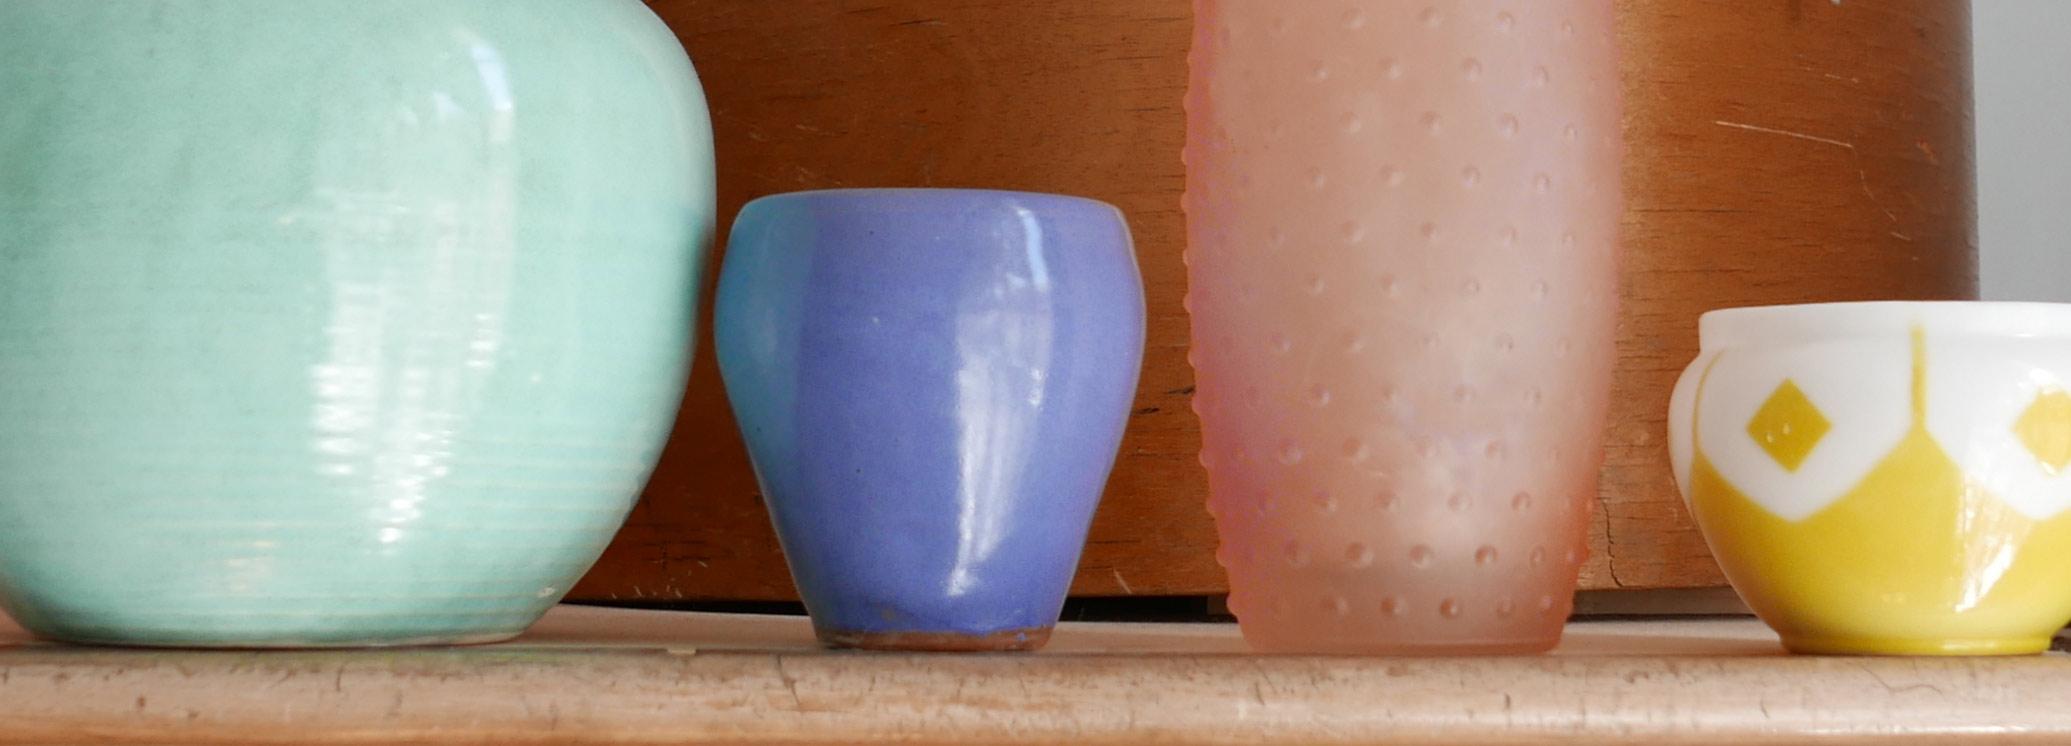 Pastellfarbene Blumenvasen in einer Reihe